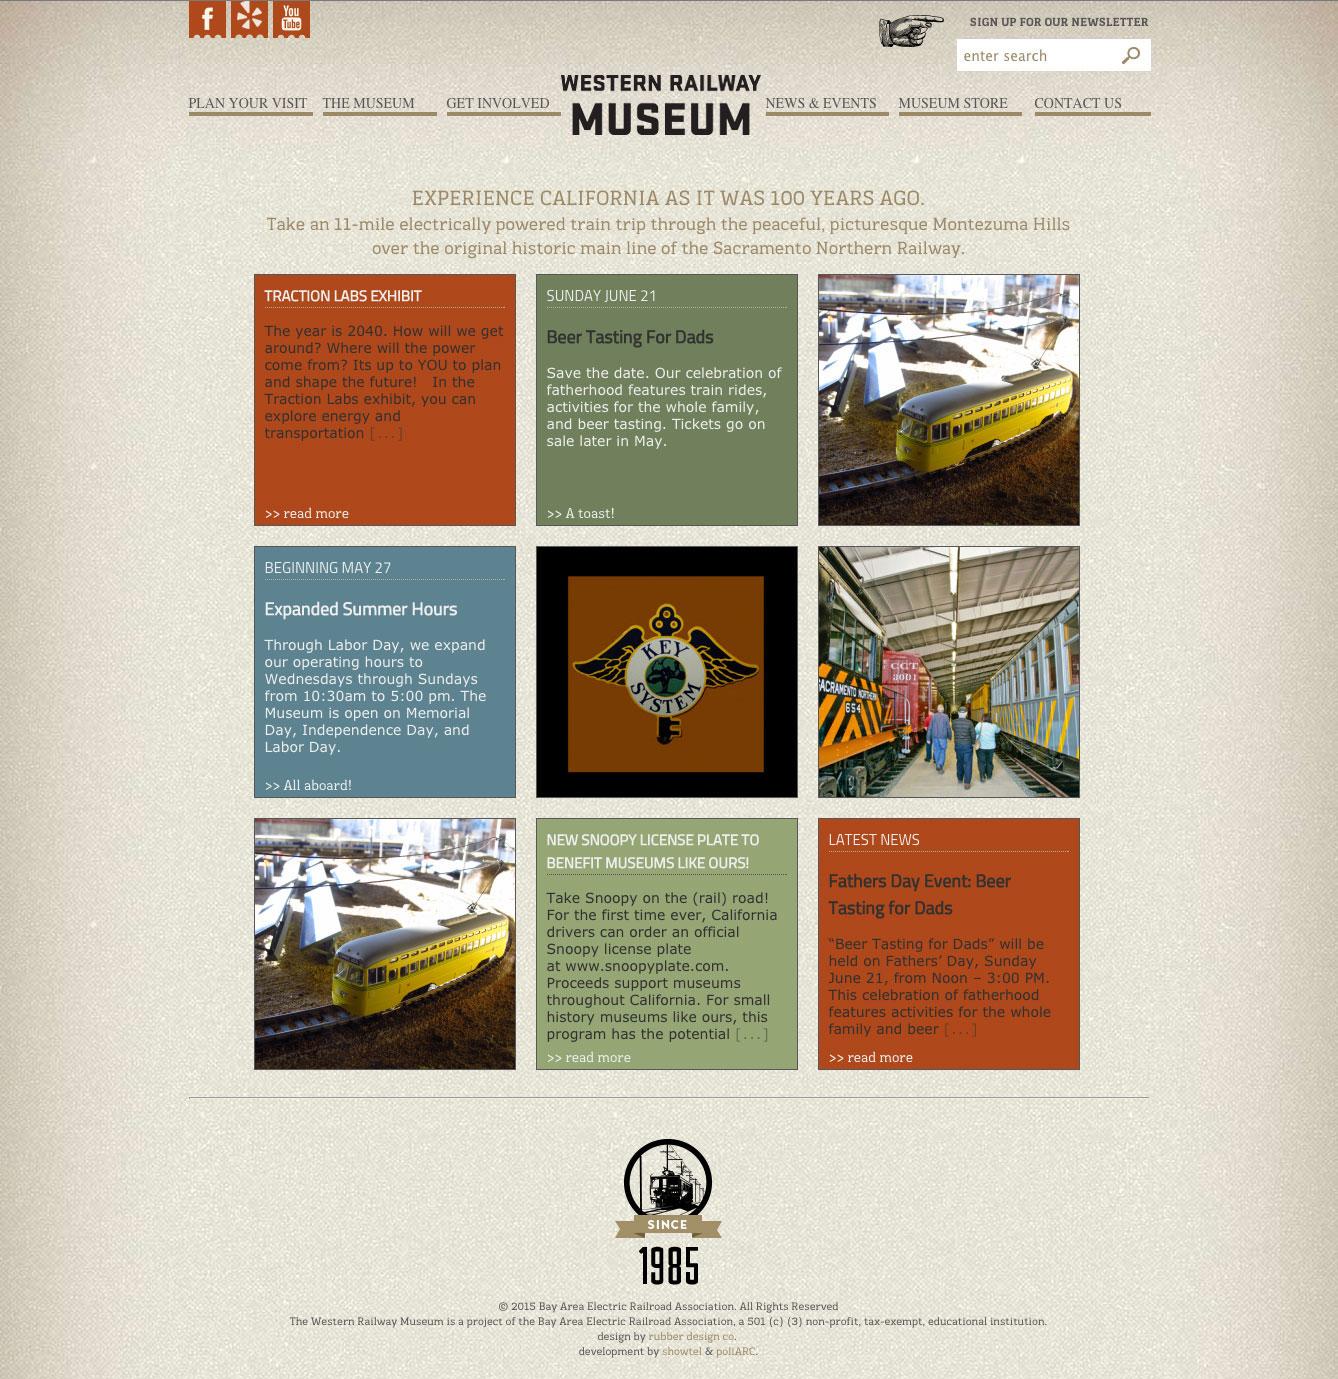 western-railway-museum-website-old